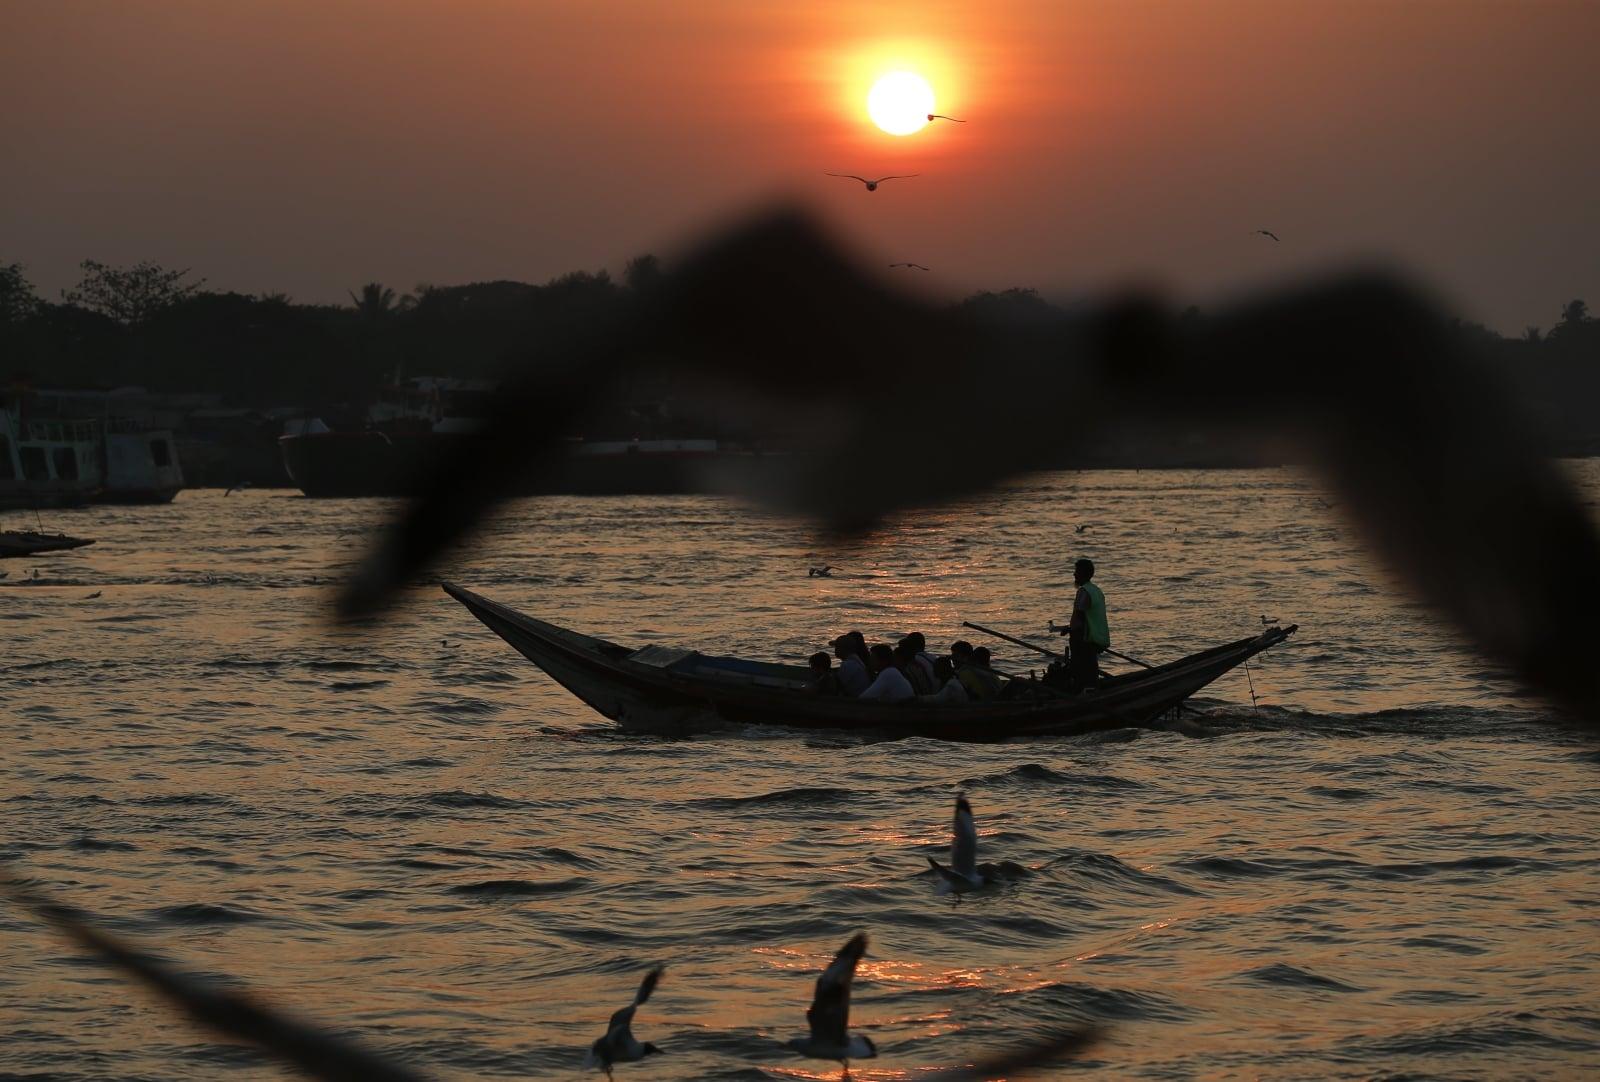 Codzienne życie Myanmar fot. EPA/LYNN BO BO